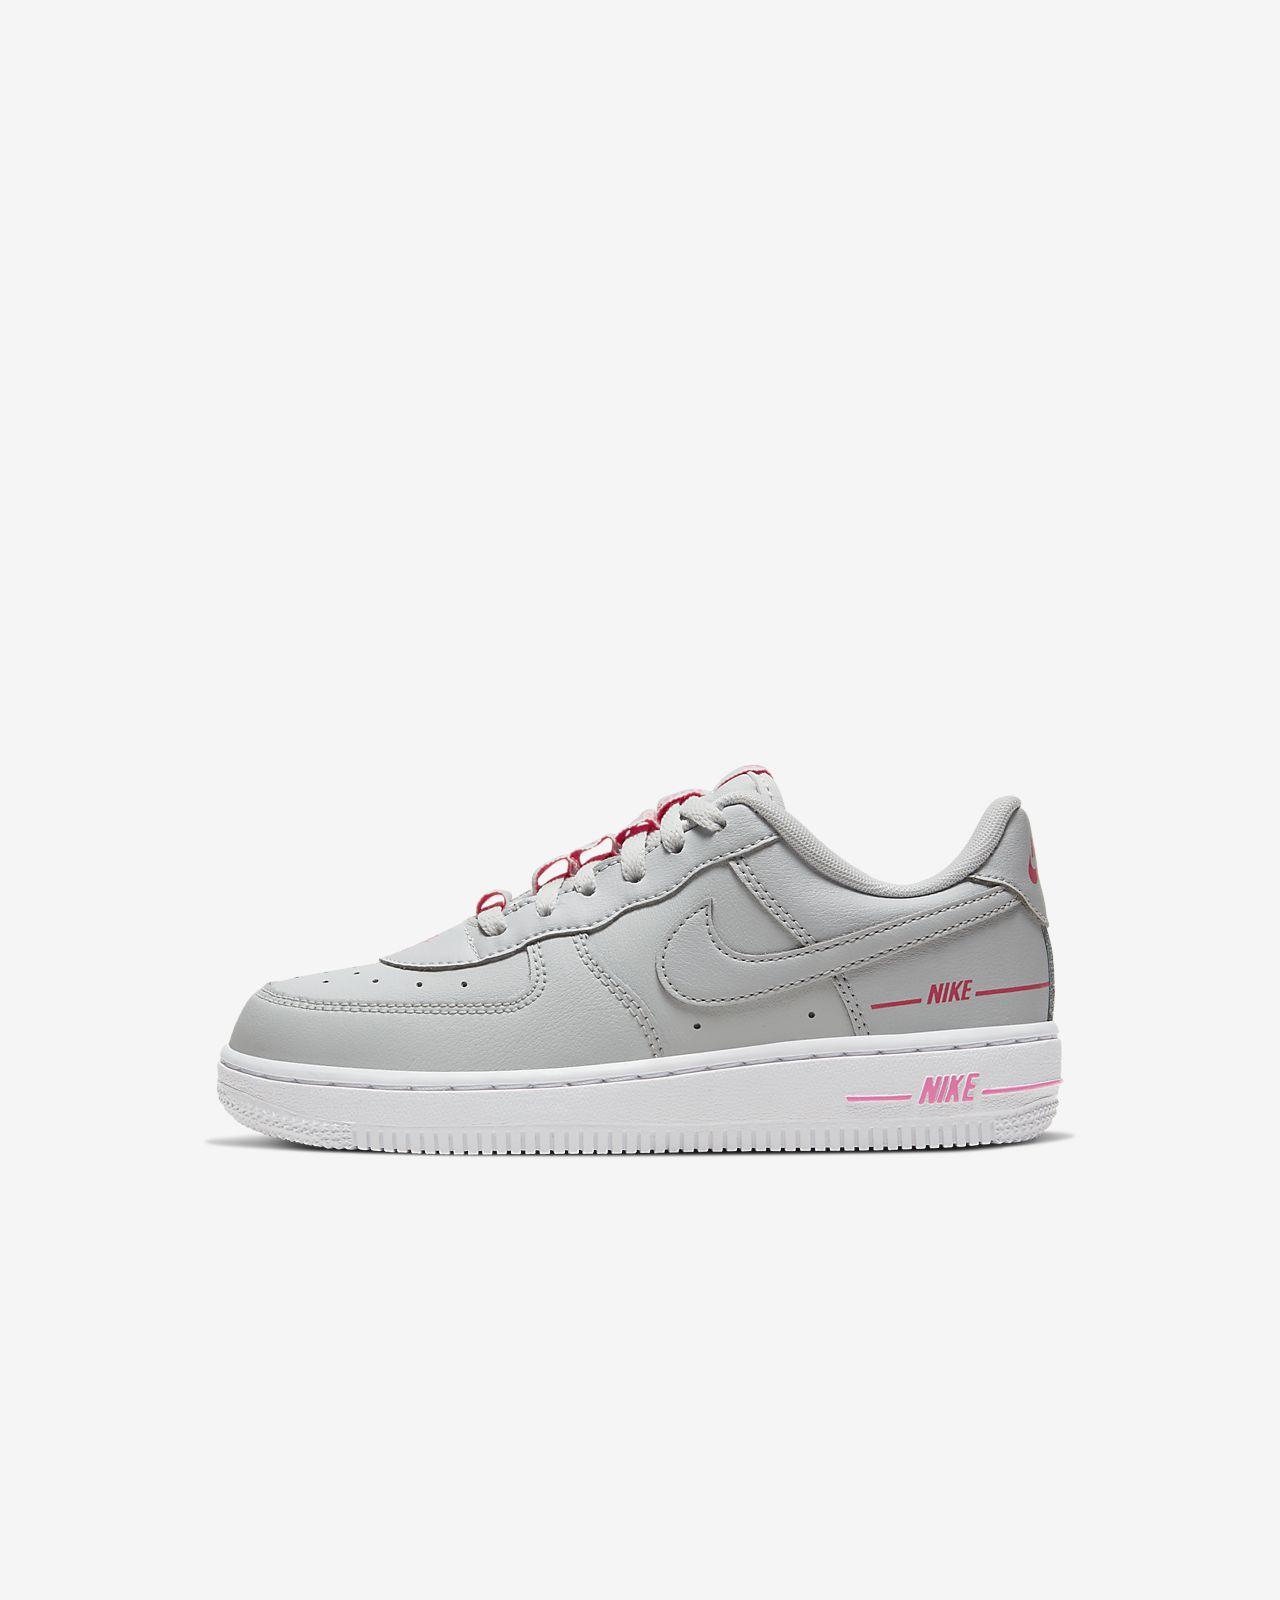 Sko Nike Force 1 LV8 3 för barn